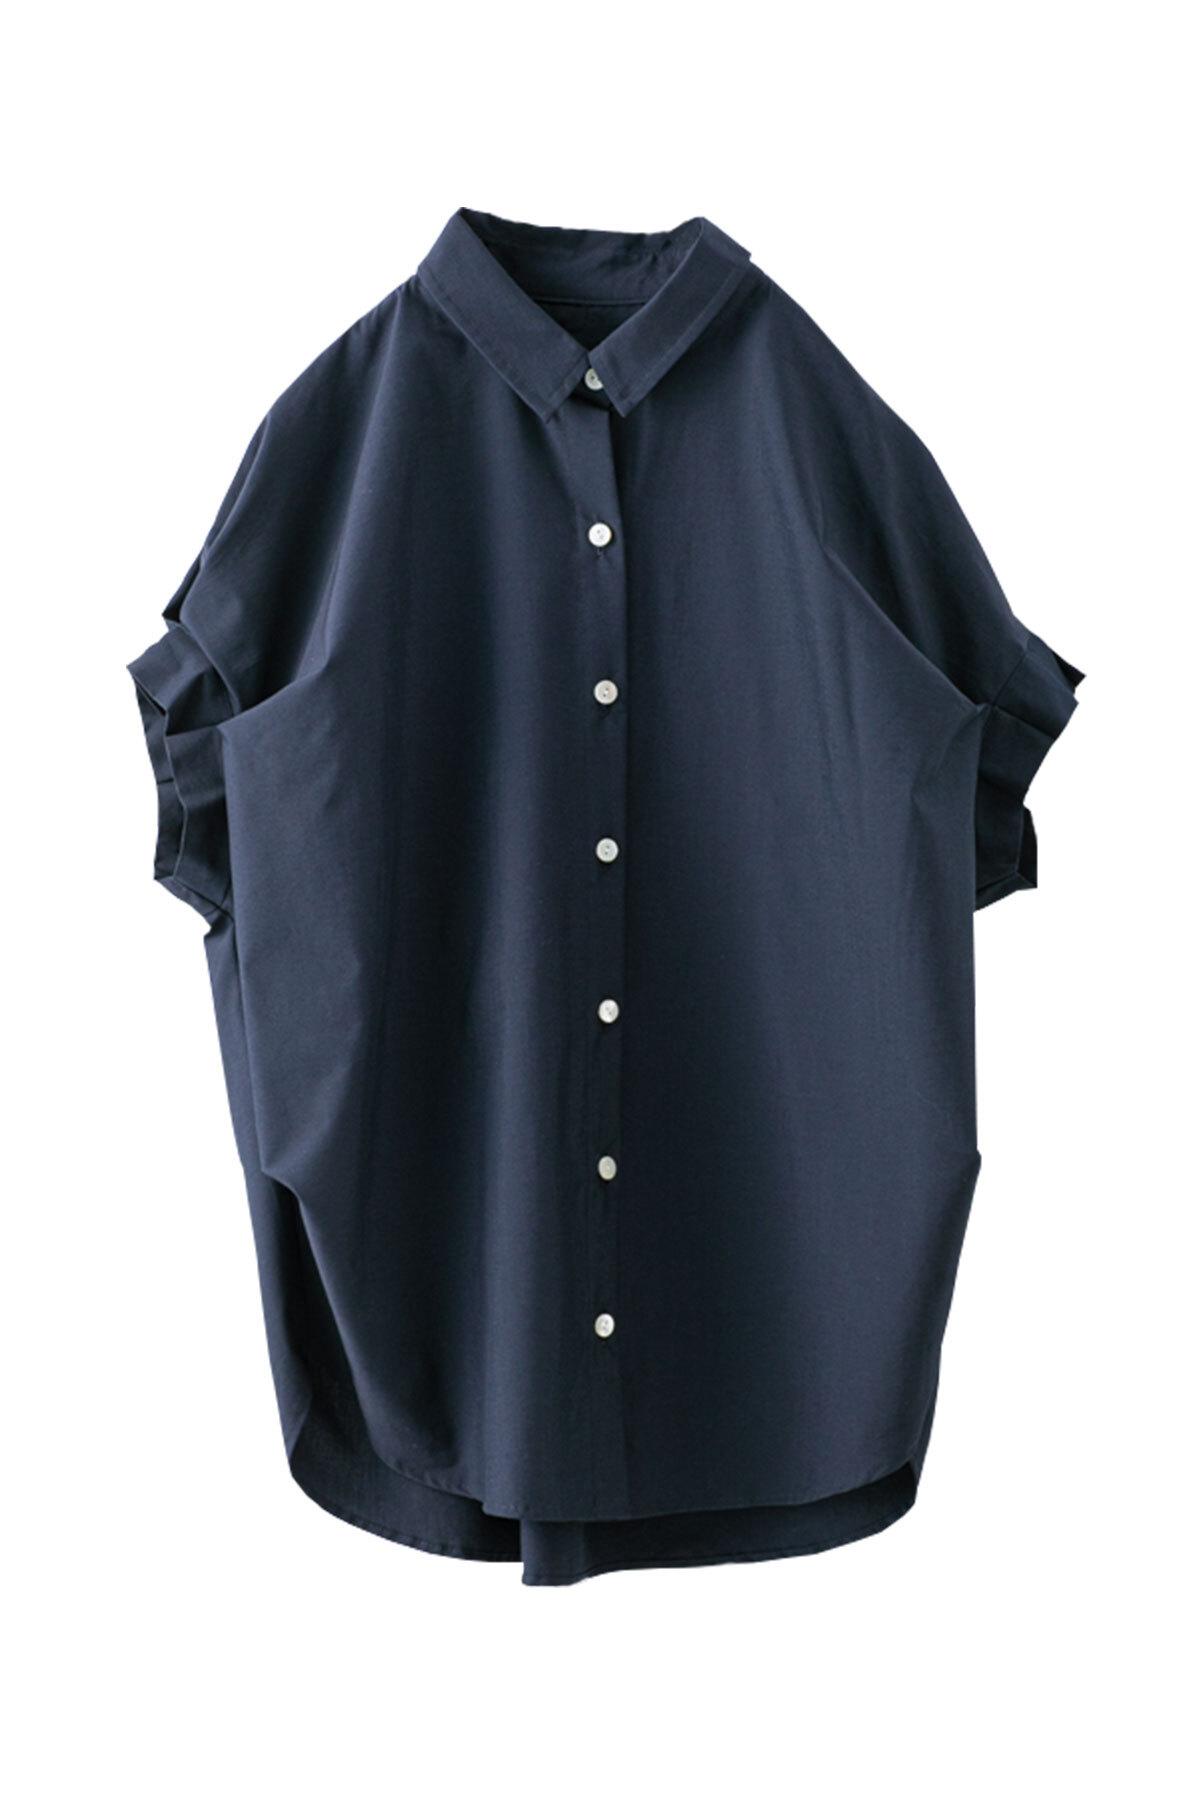 タックスリーブシャツ  <ネイビー>